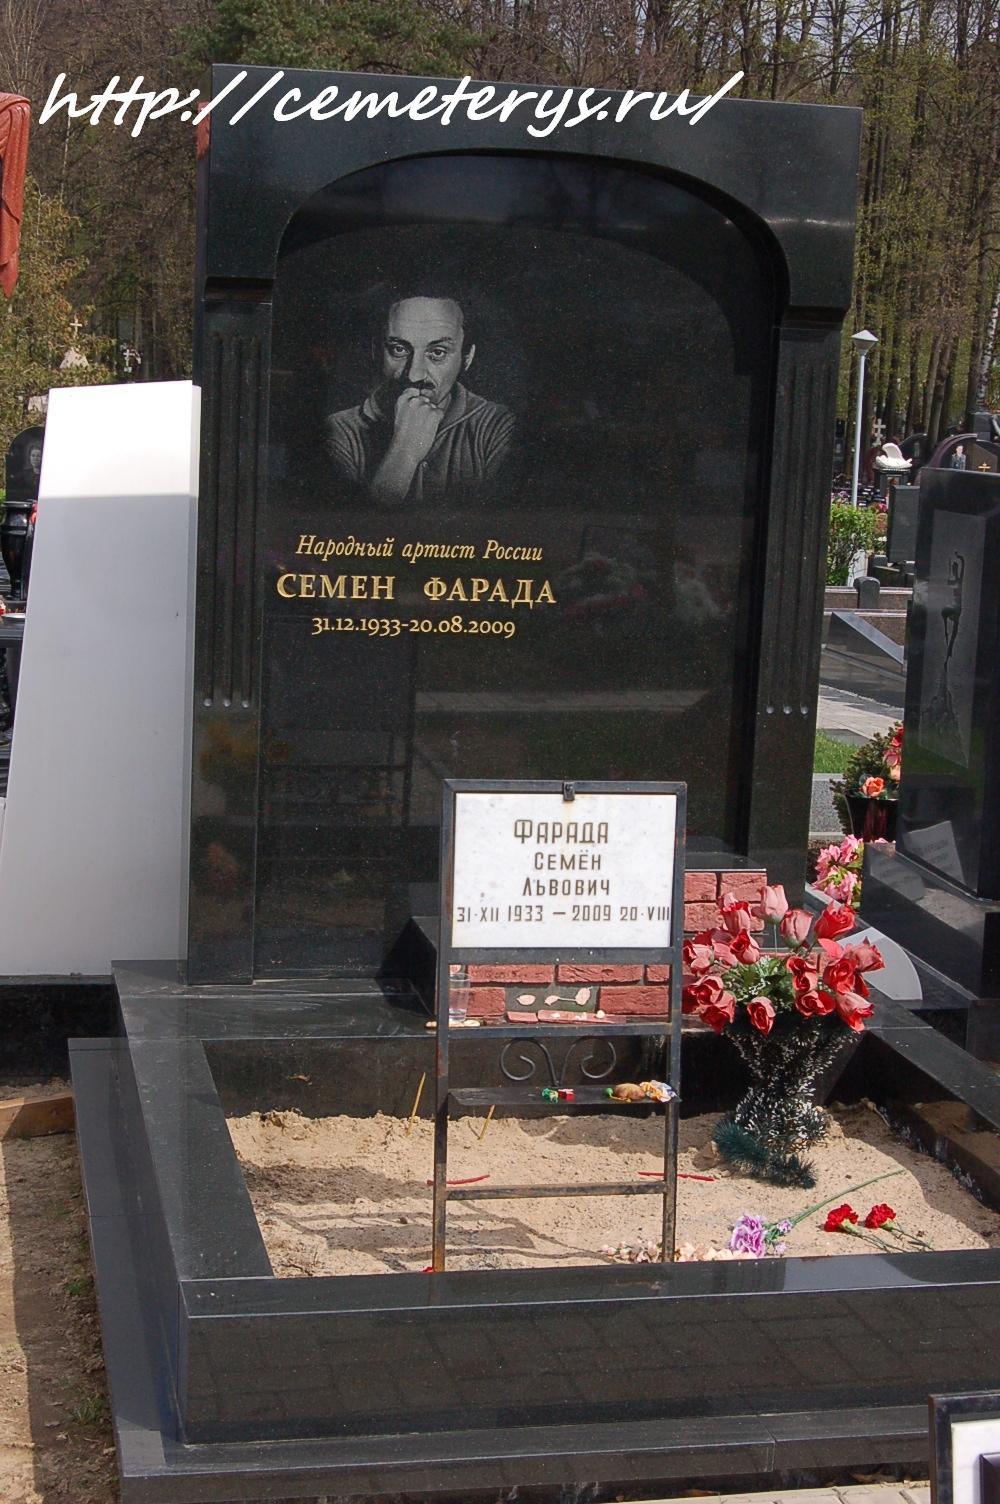 могила Семёна Фарады на Троекуровском кладбище в Москве ( фото Дмитрия Кондратьева)